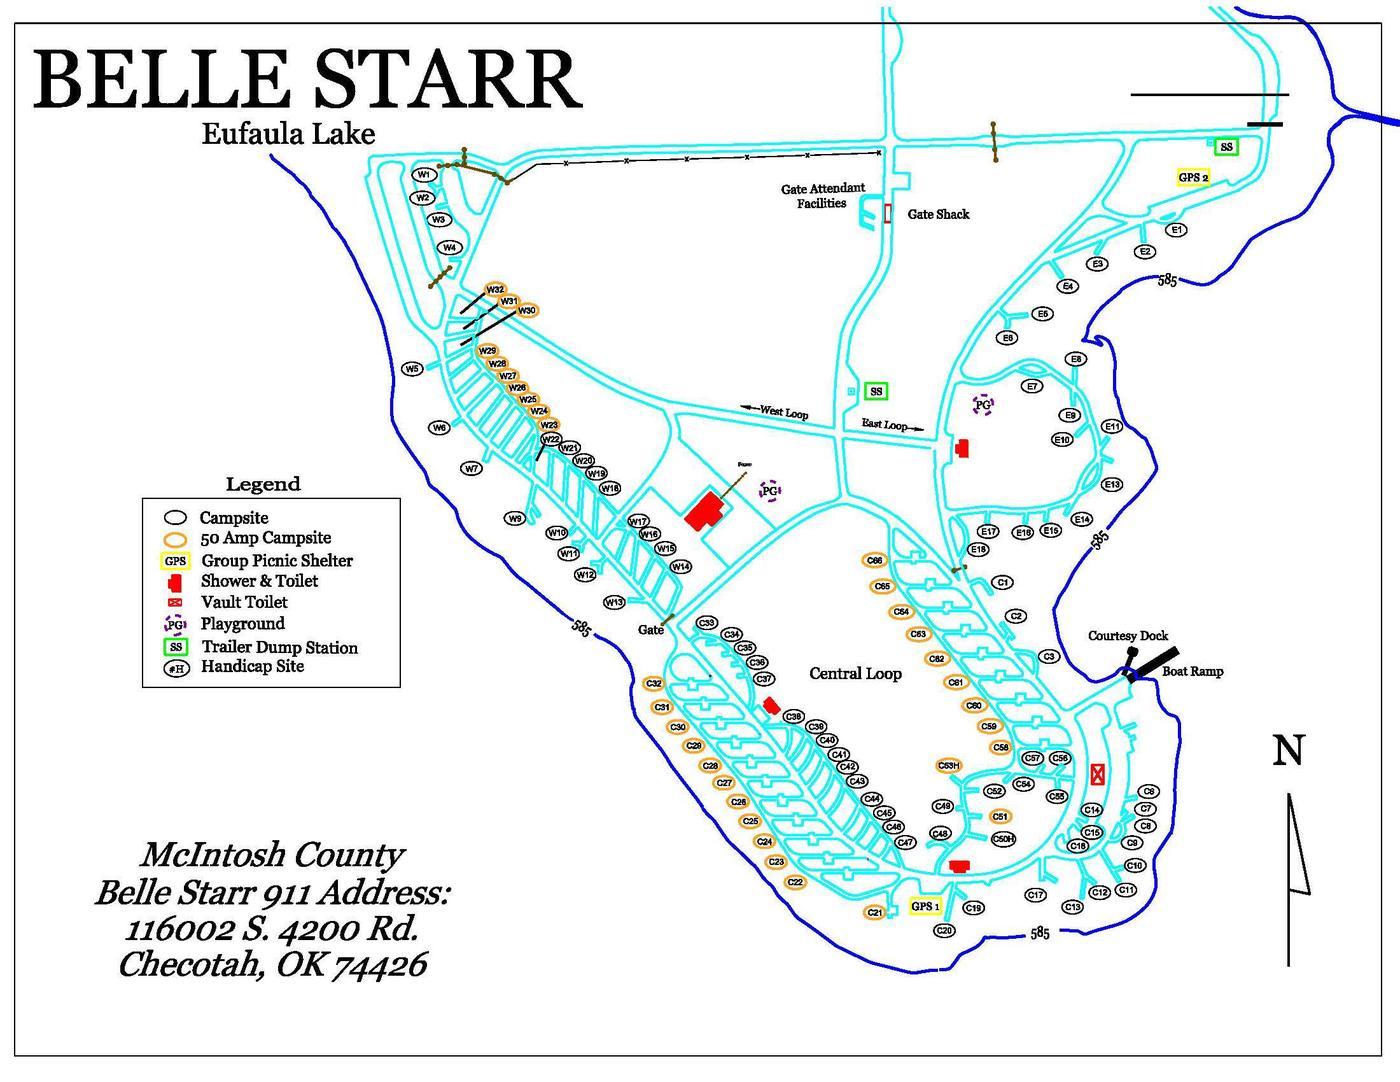 Belle Starr Park MapPark Map